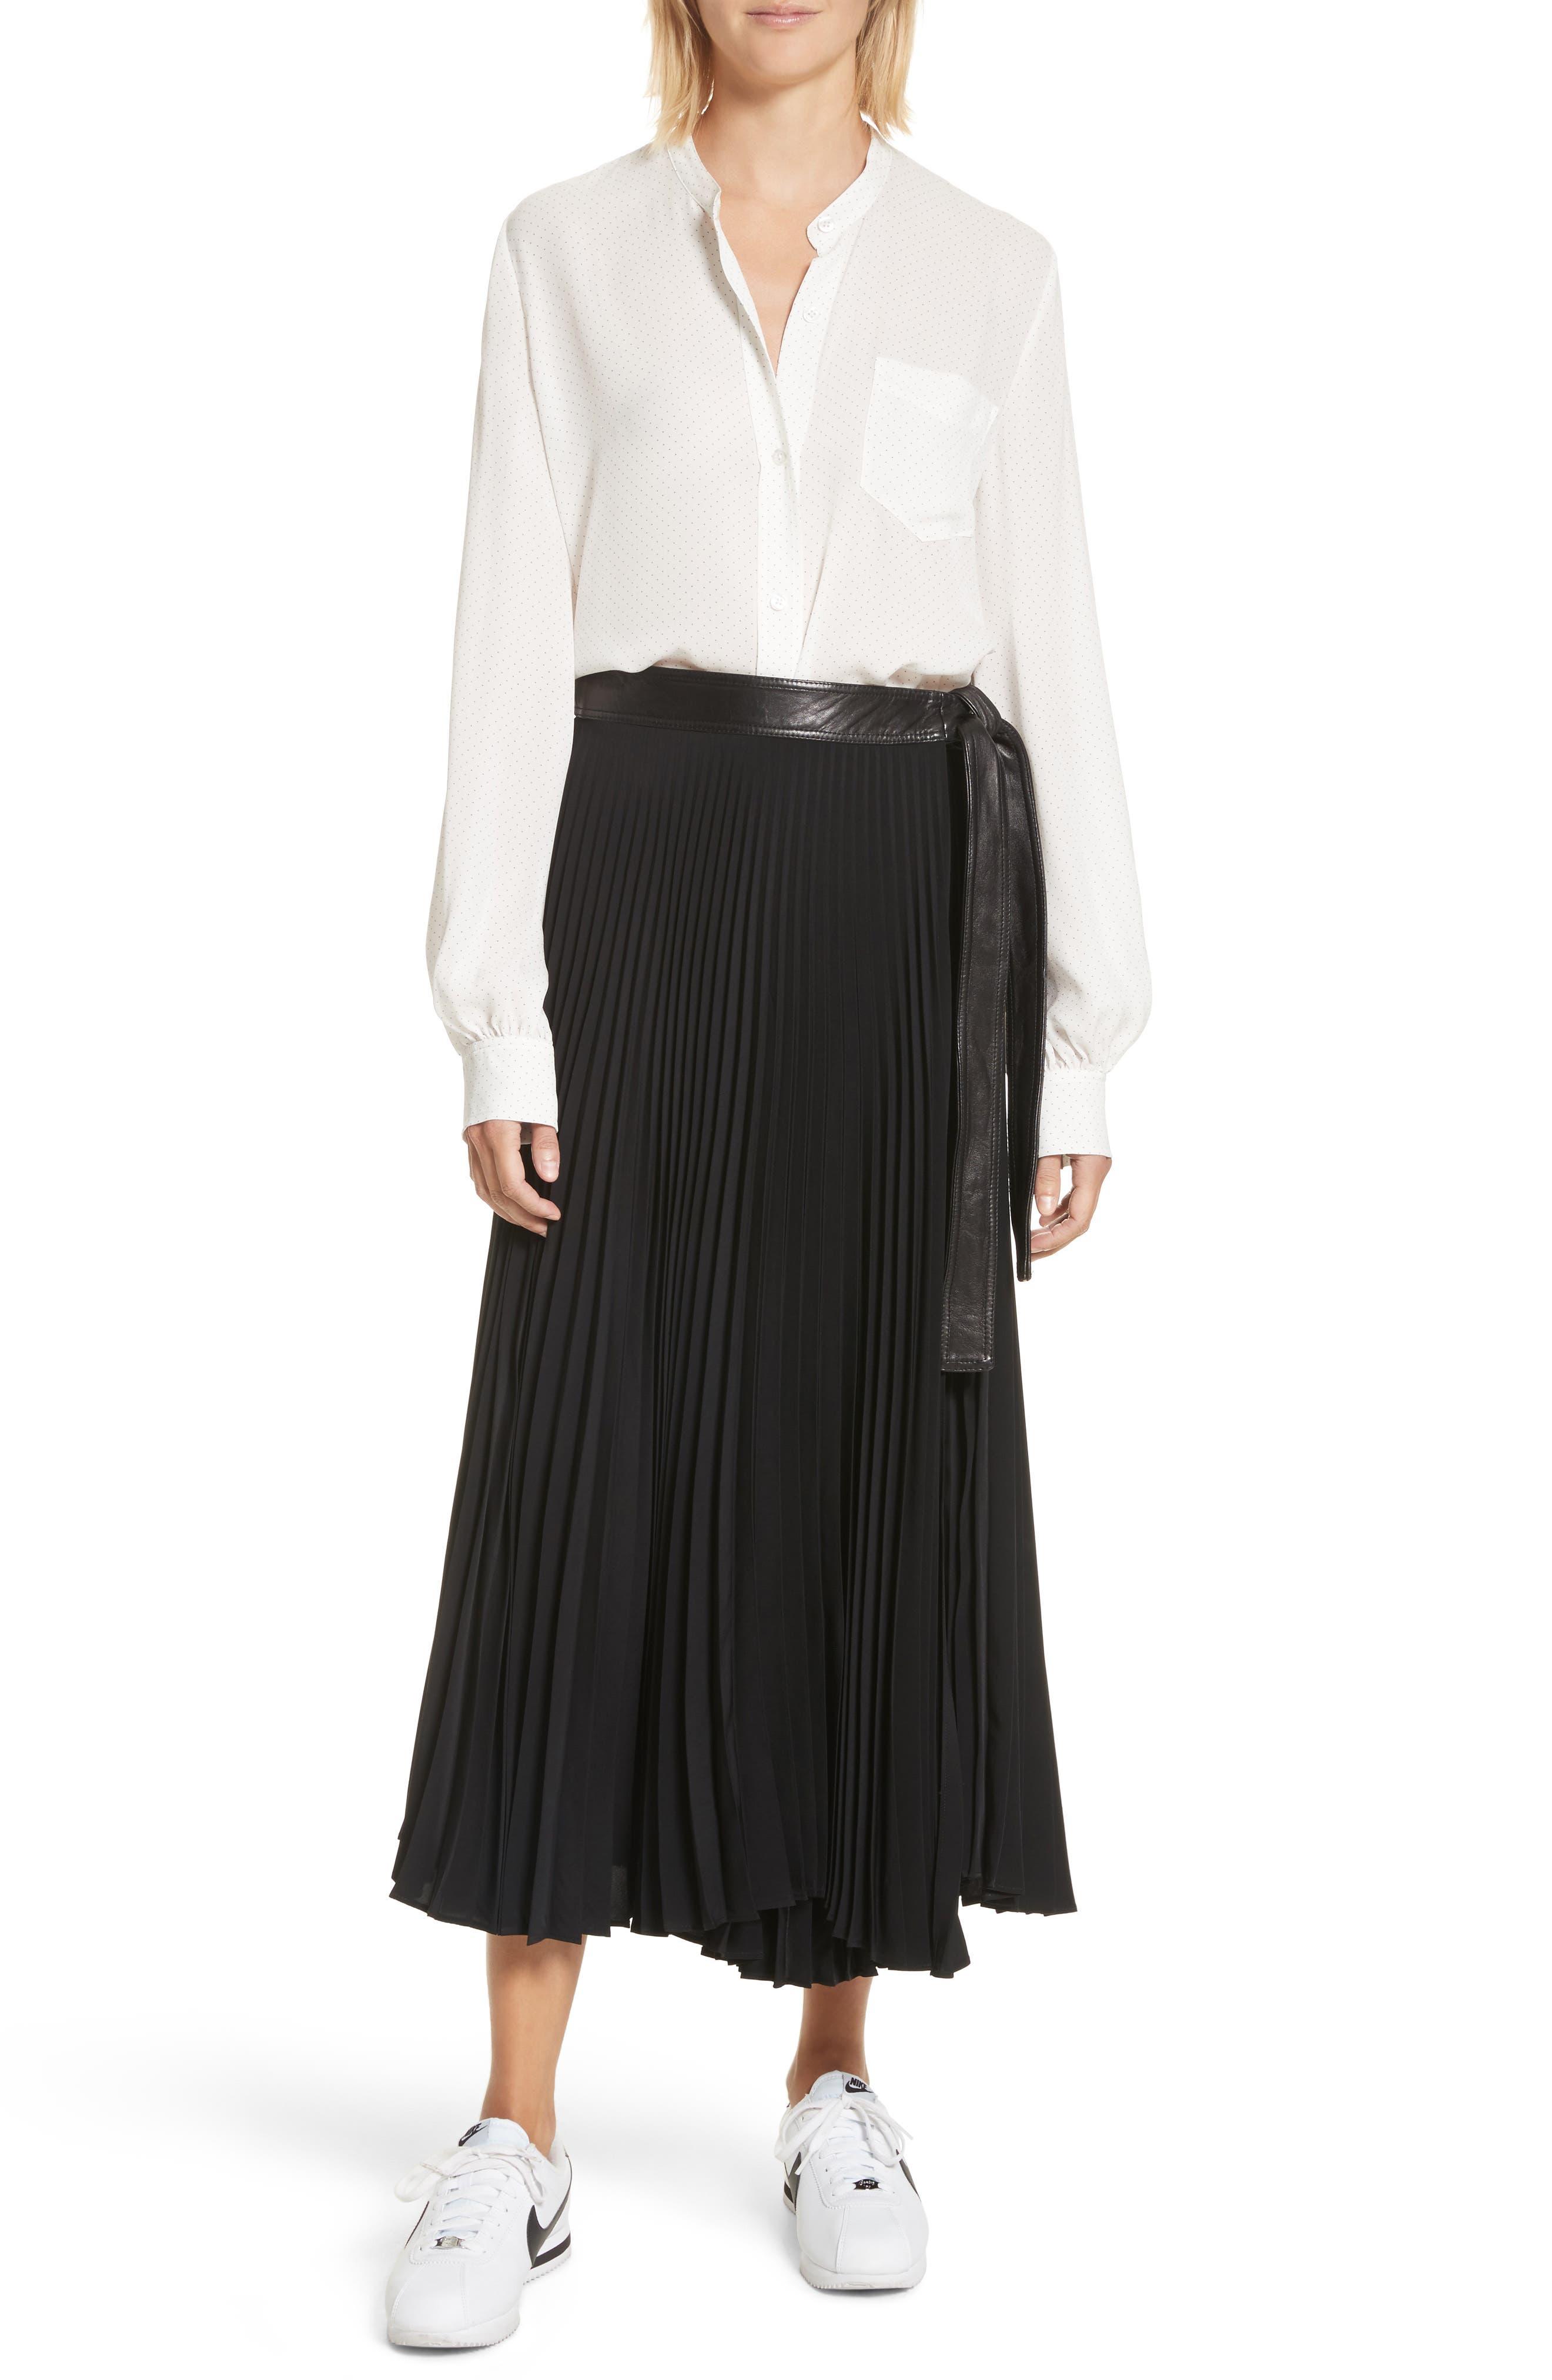 Anika Leather Trim Pleated Midi Skirt,                             Alternate thumbnail 6, color,                             001